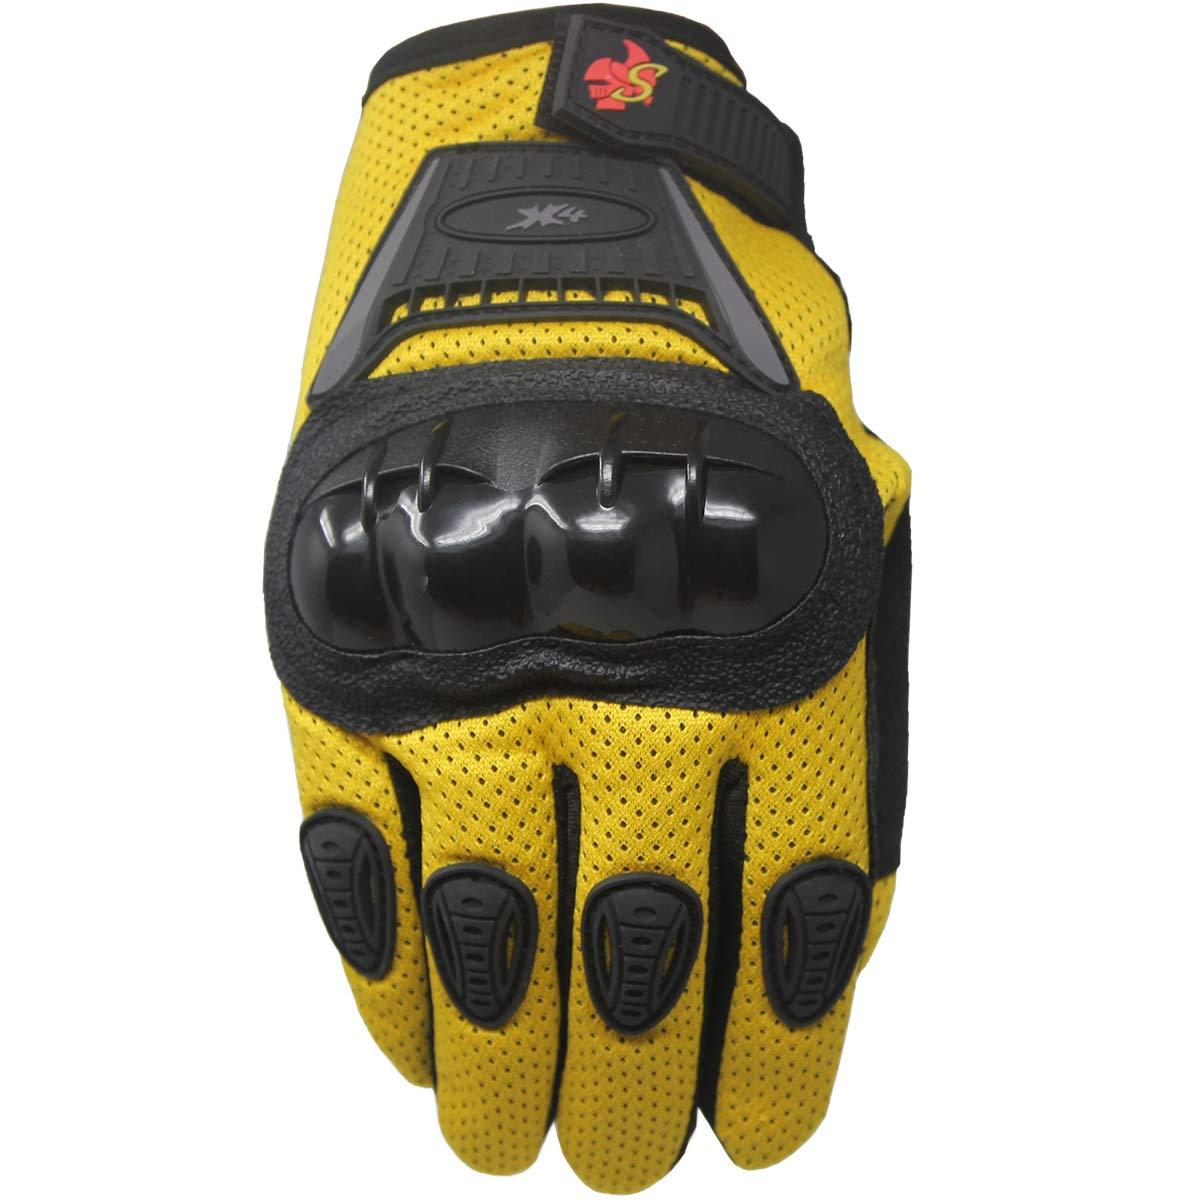 S, black//red Street Bike Full Finger Motorcycle Gloves 09